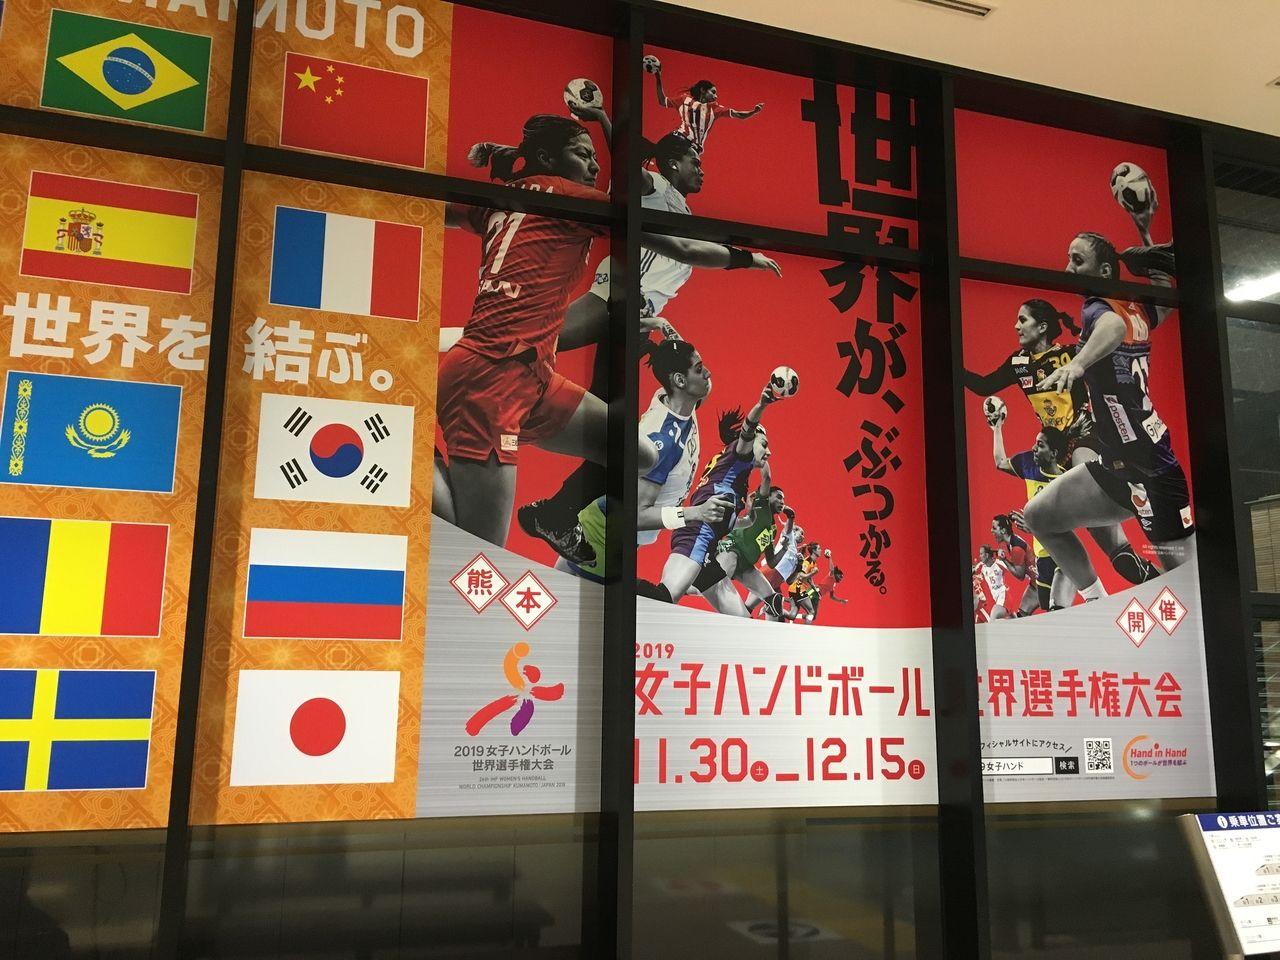 熊本駅に掲示されている女子ハンドボール世界大会の広告